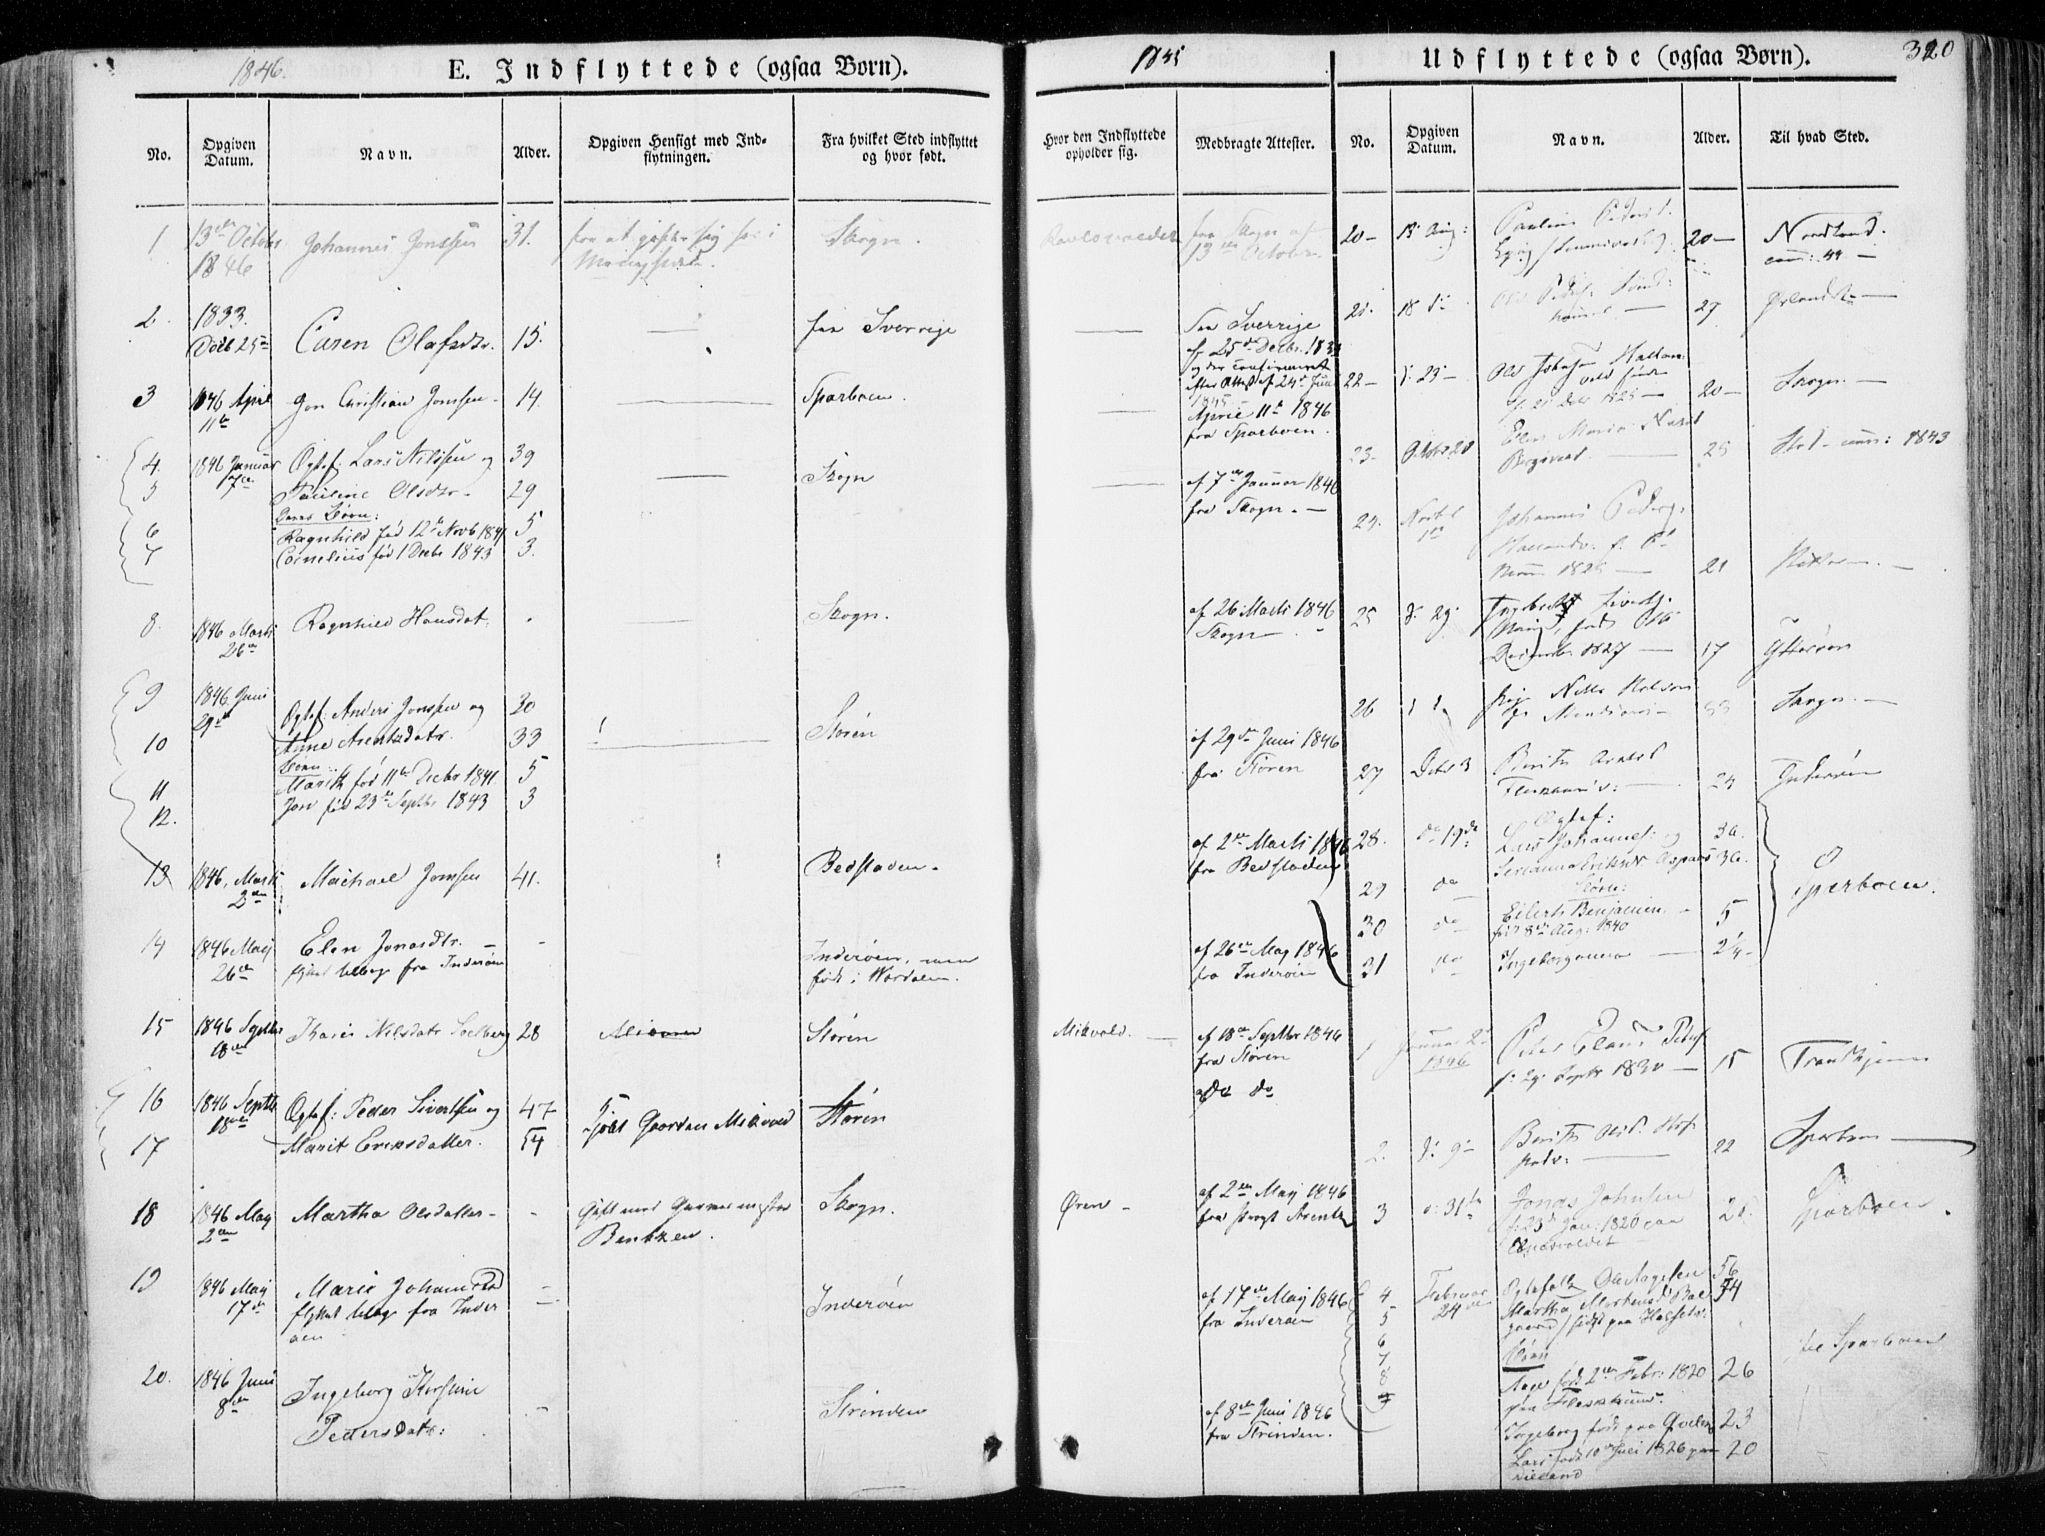 SAT, Ministerialprotokoller, klokkerbøker og fødselsregistre - Nord-Trøndelag, 723/L0239: Ministerialbok nr. 723A08, 1841-1851, s. 320